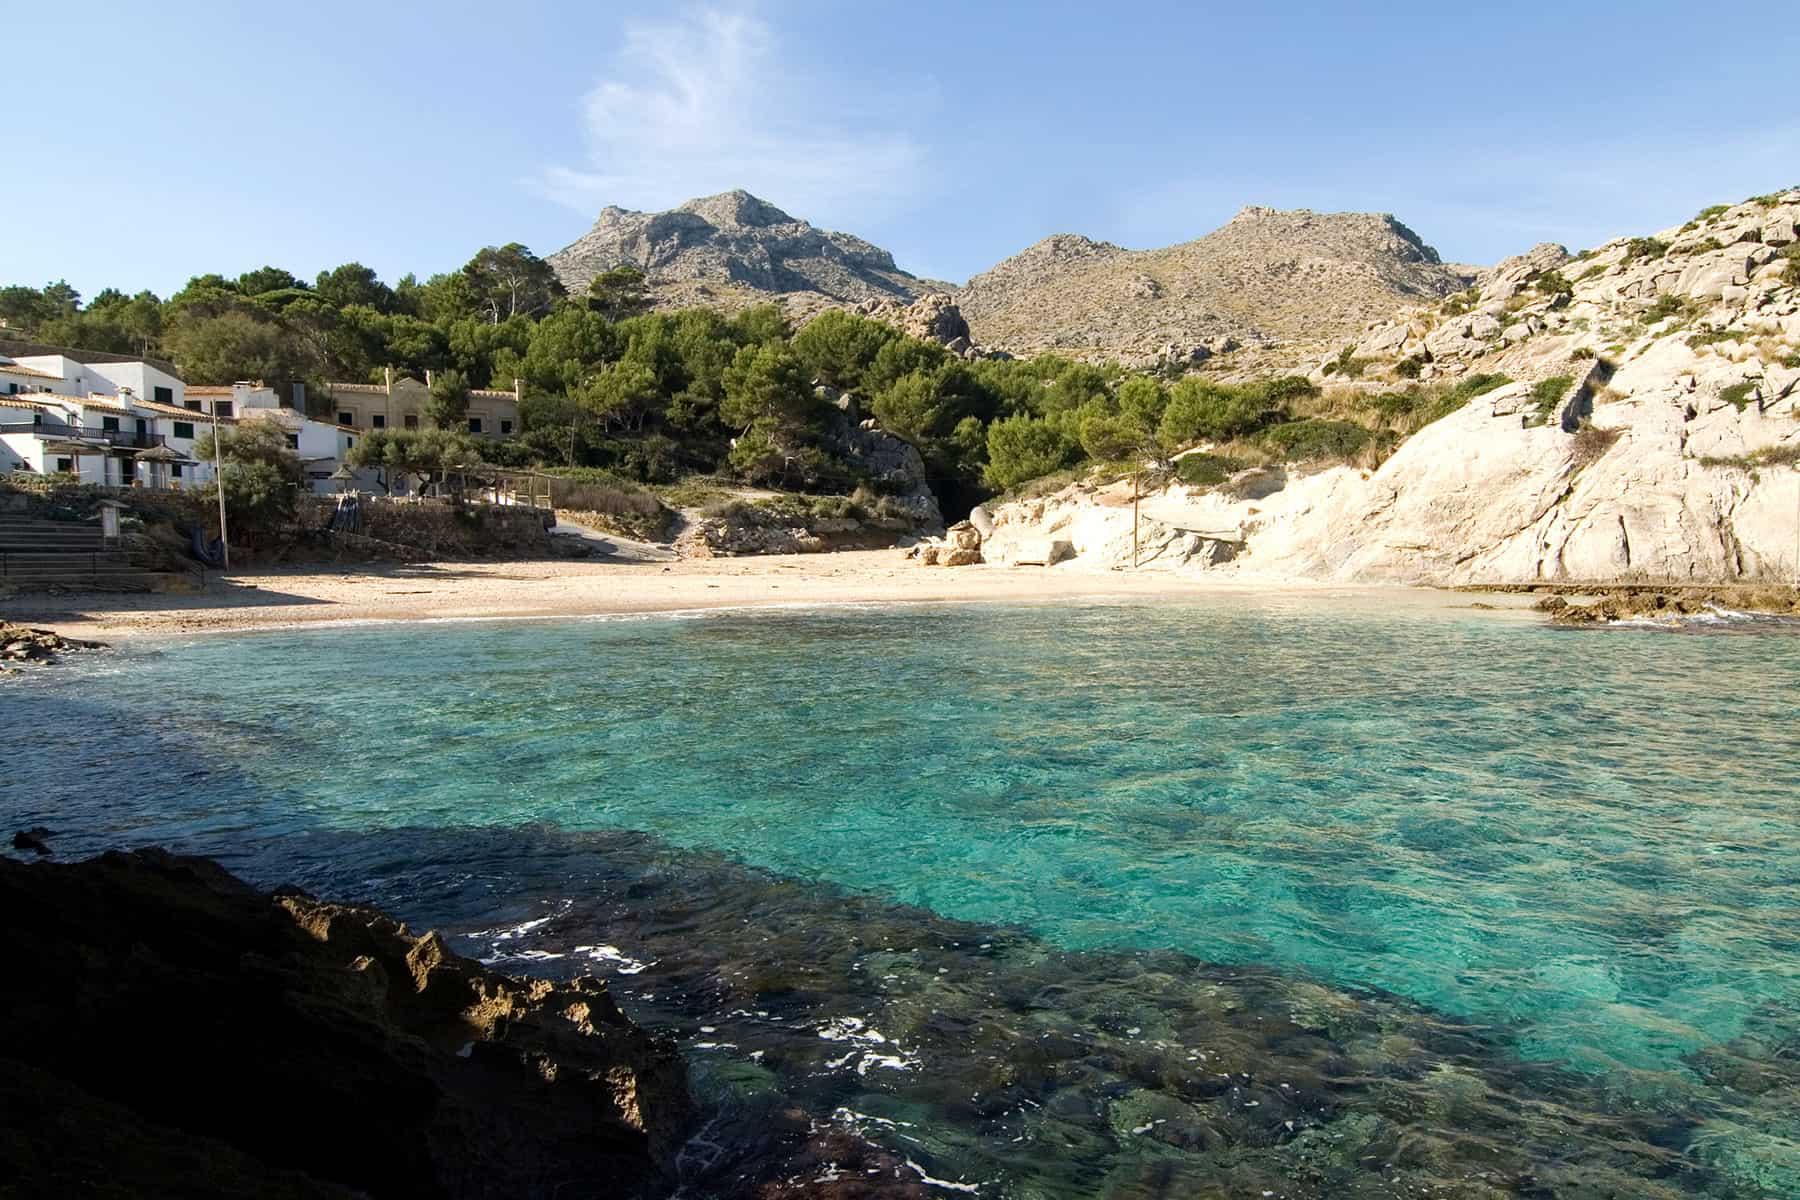 Resor_Mallorca_hus_vid_stranden_Nygren_Lind_Resebyrå